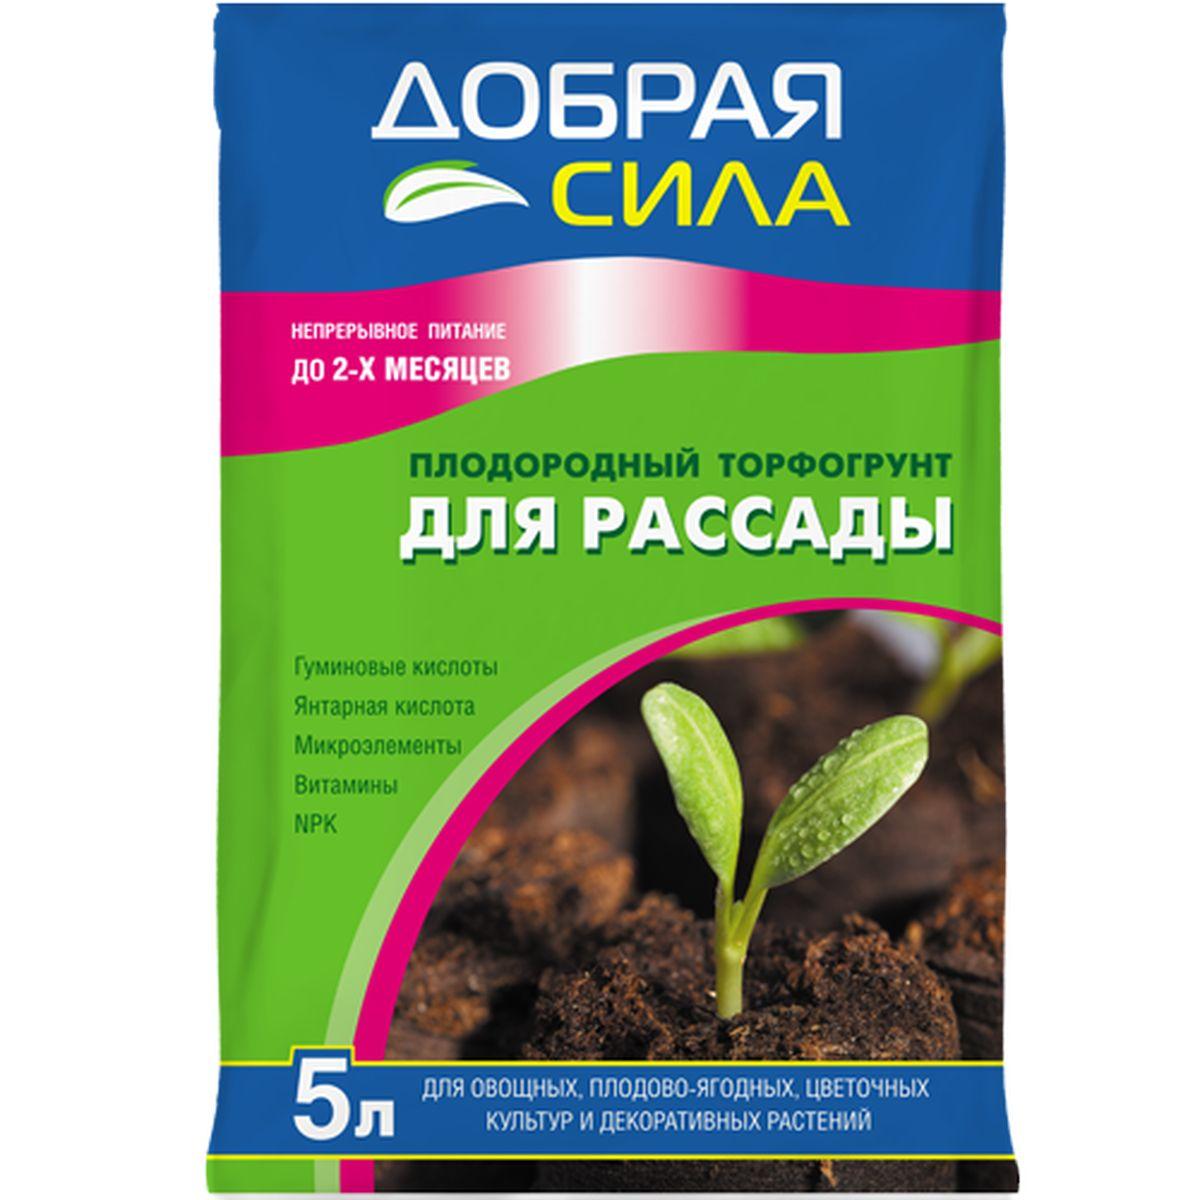 Почвенный грунт на основе торфа Добрая Сила, для рассады, 5 л391602Предназначен для выращивания рассады овощных, плодово-ягодных, цветочных культур и декоративных растений. Может использоваться при посеве и выращивании растений в зимних садах и оранжереях, а также при выращивании растений в теплицах и парниках.